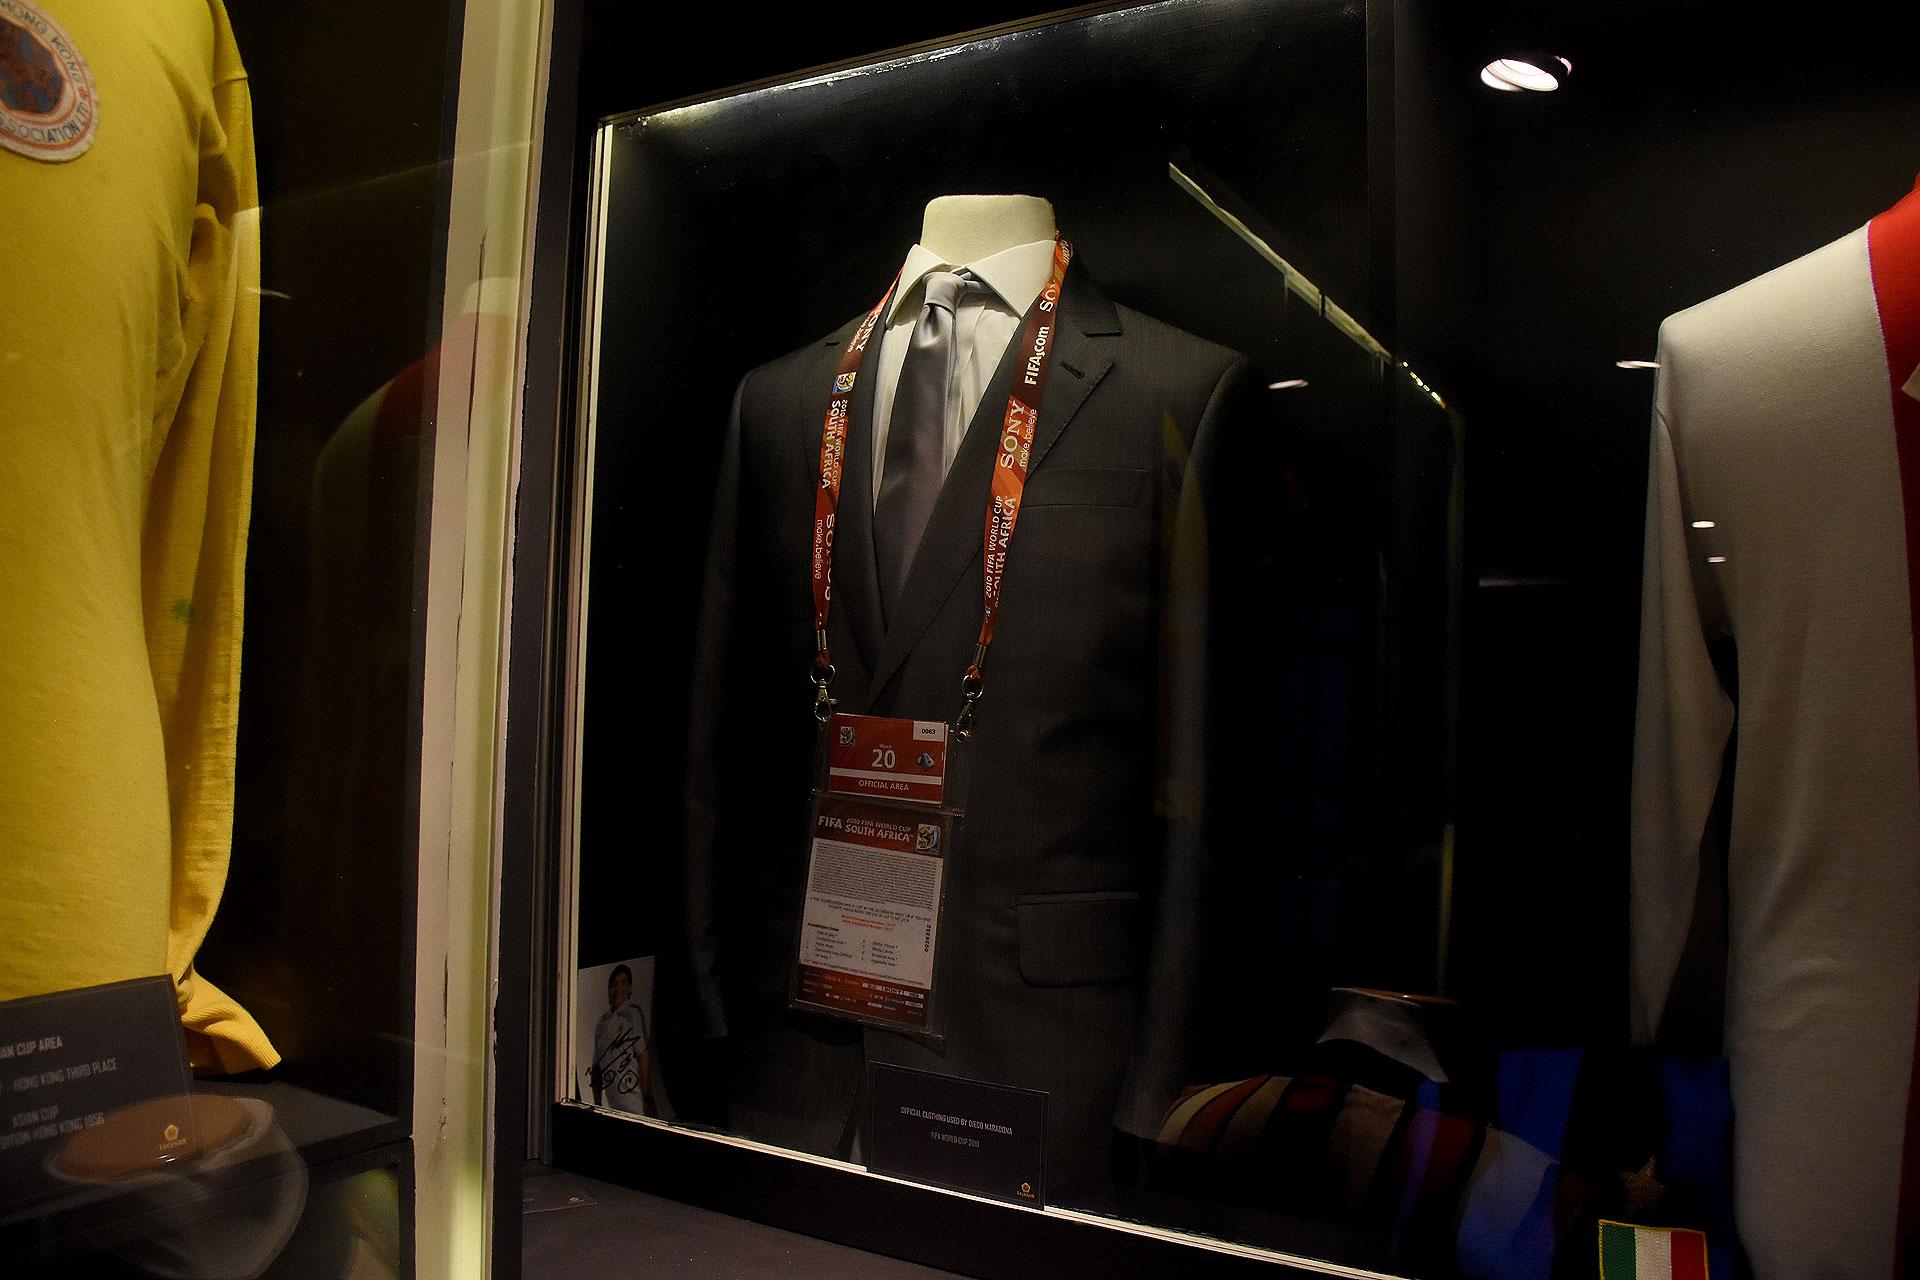 Uno de los trajes de Etiqueta Negra que usó Diego Armando Maradona como entrenador de la Selección en la Copa del Mundo de Sudáfrica 2010 (Nicolas Stulberg)